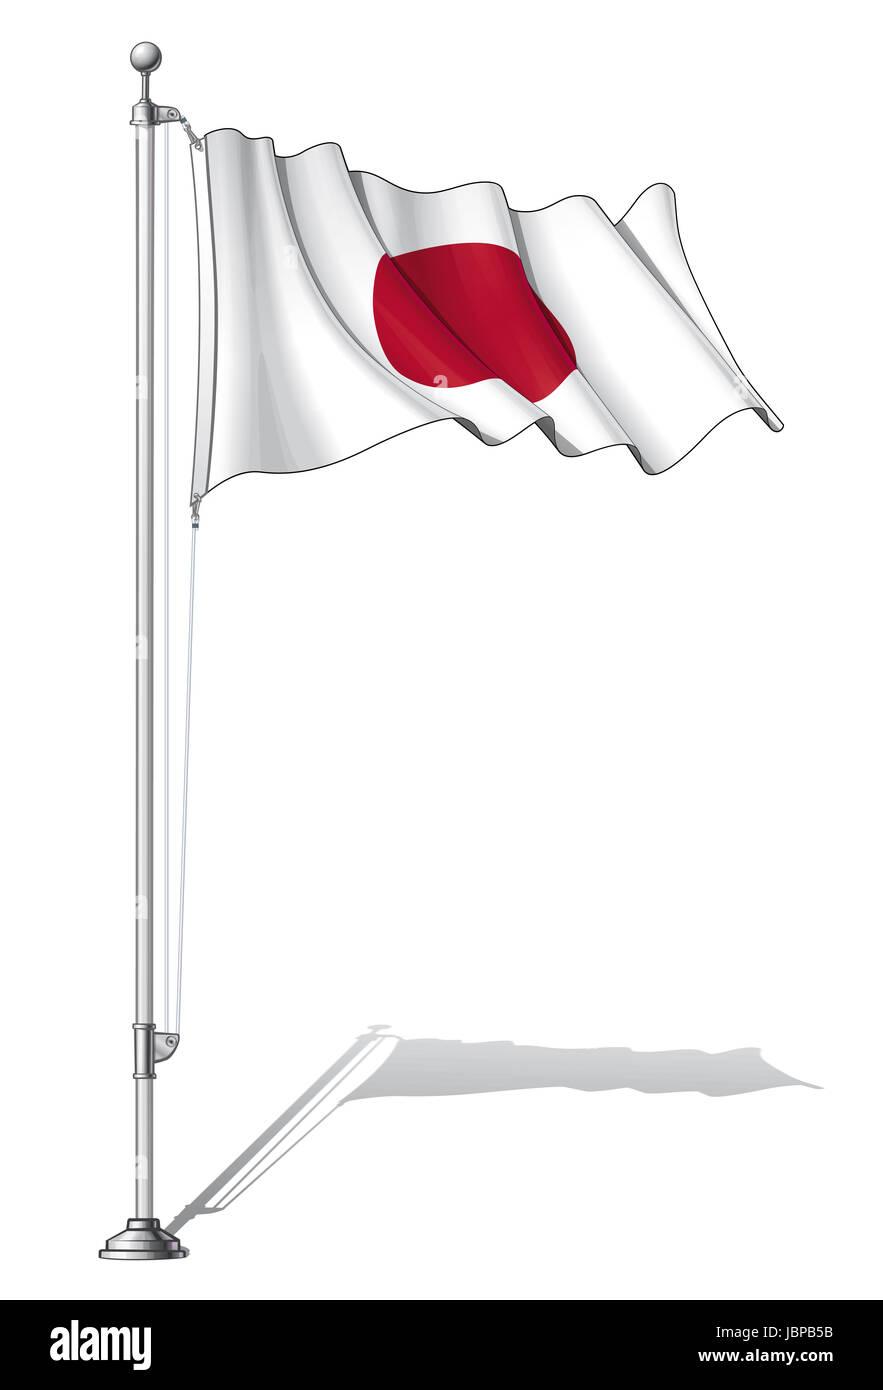 Ilustración Vectorial De Una Ondulante Bandera Japonesa